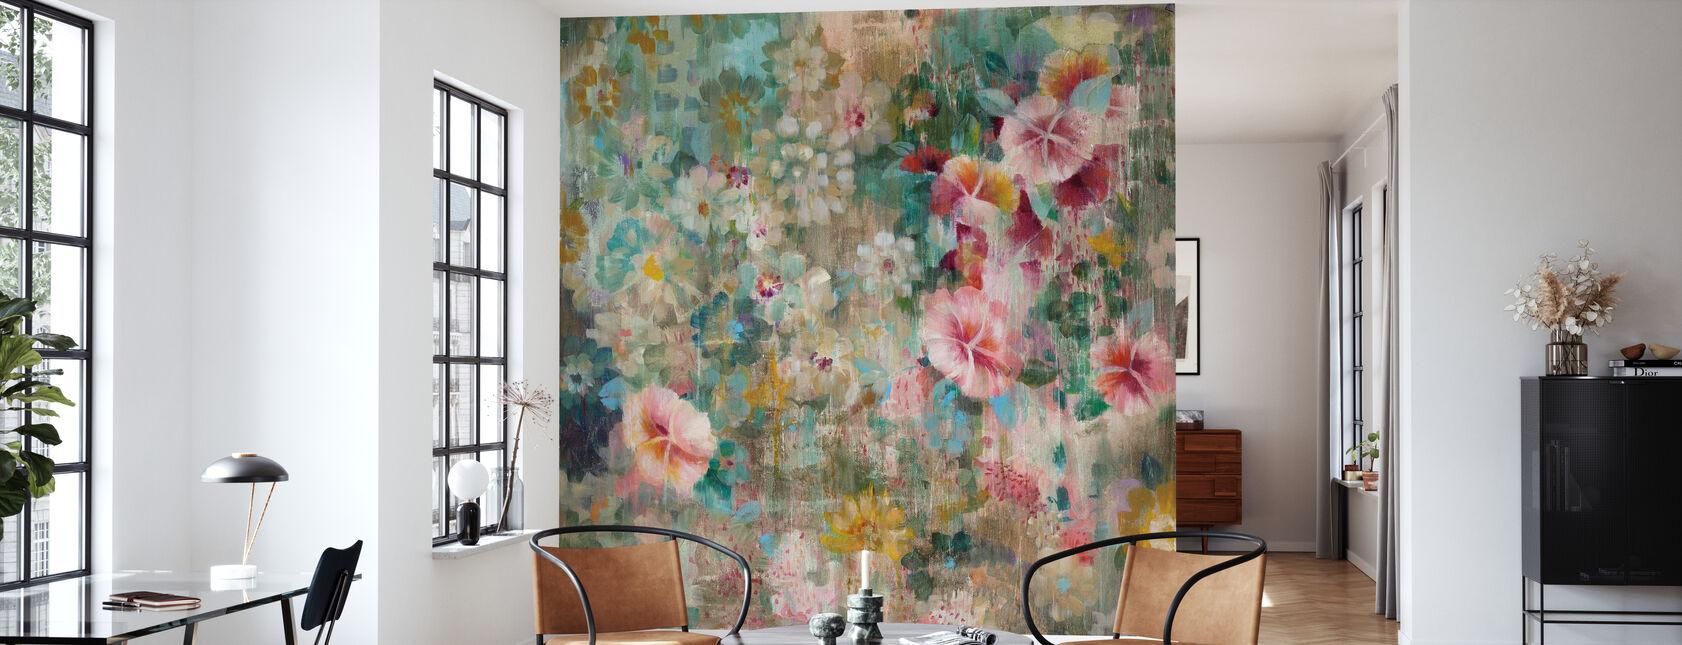 Flower Shower - Wallpaper - Living Room